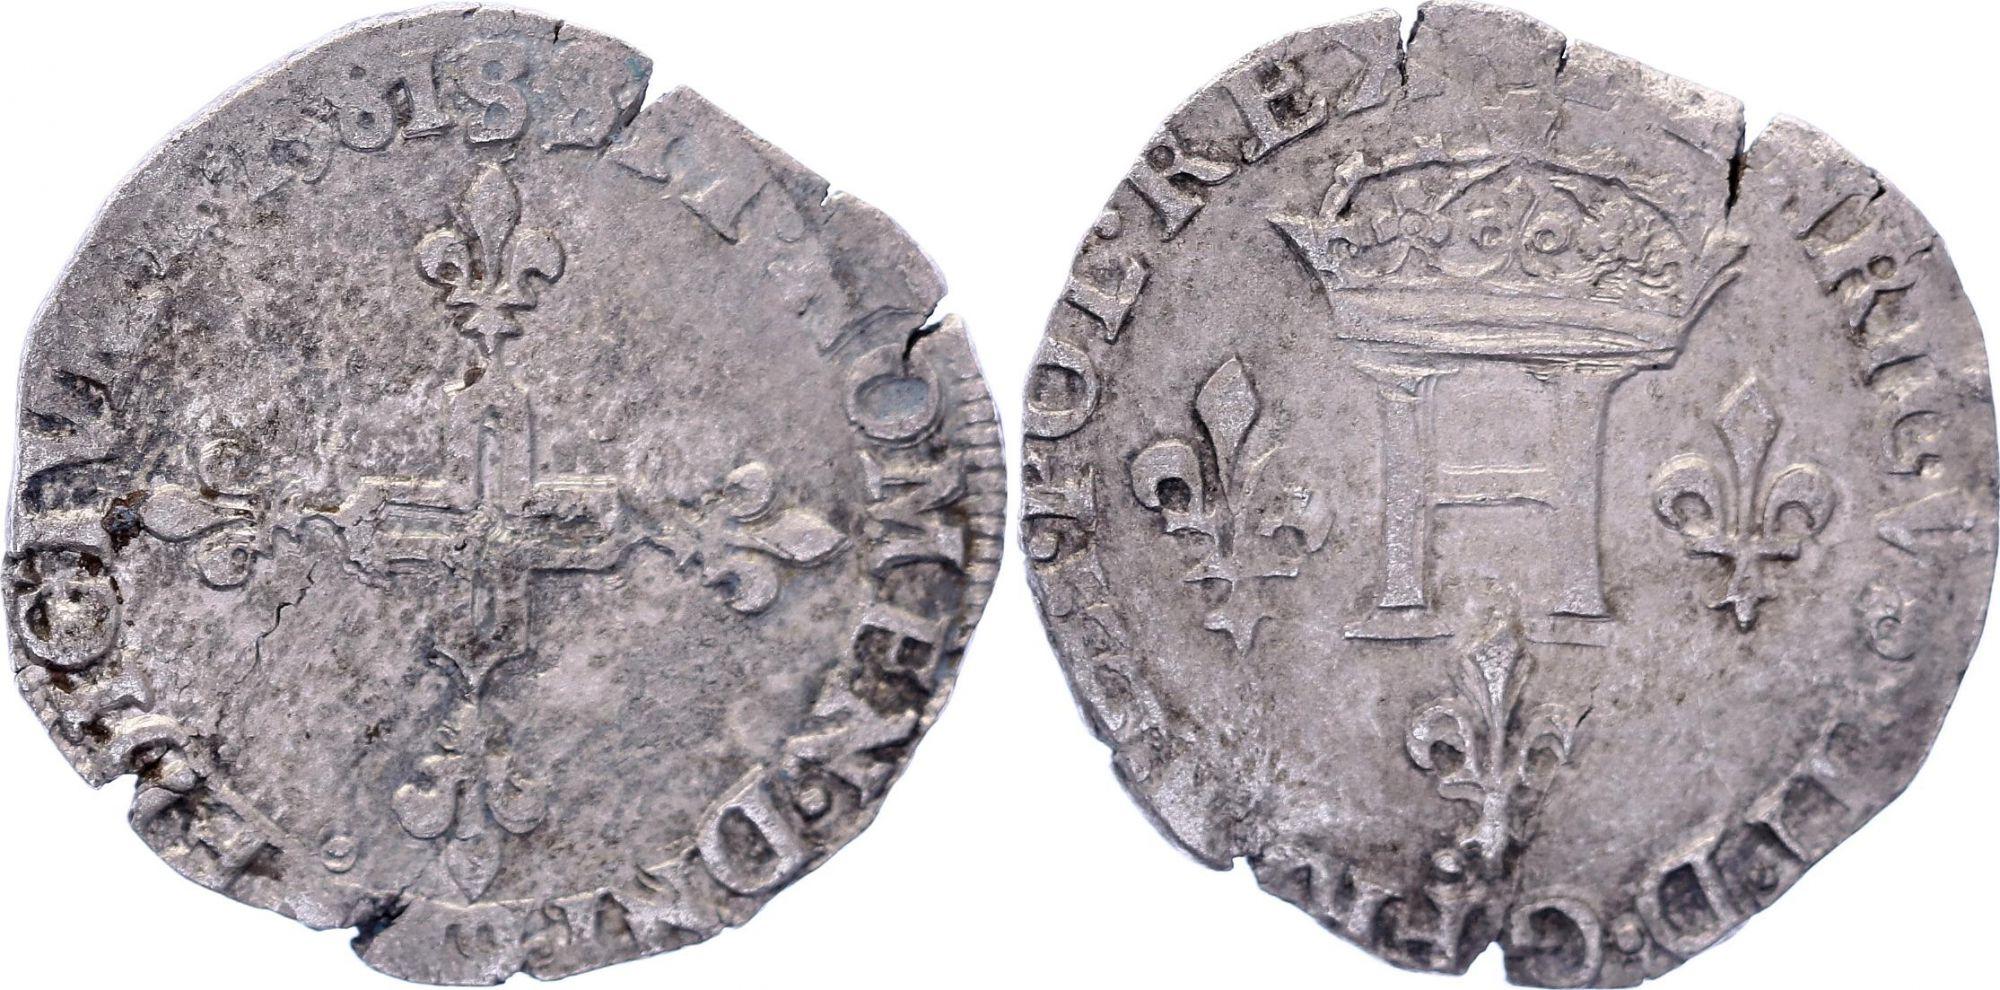 France Double sol parisis - Argent - 1581 S Reims